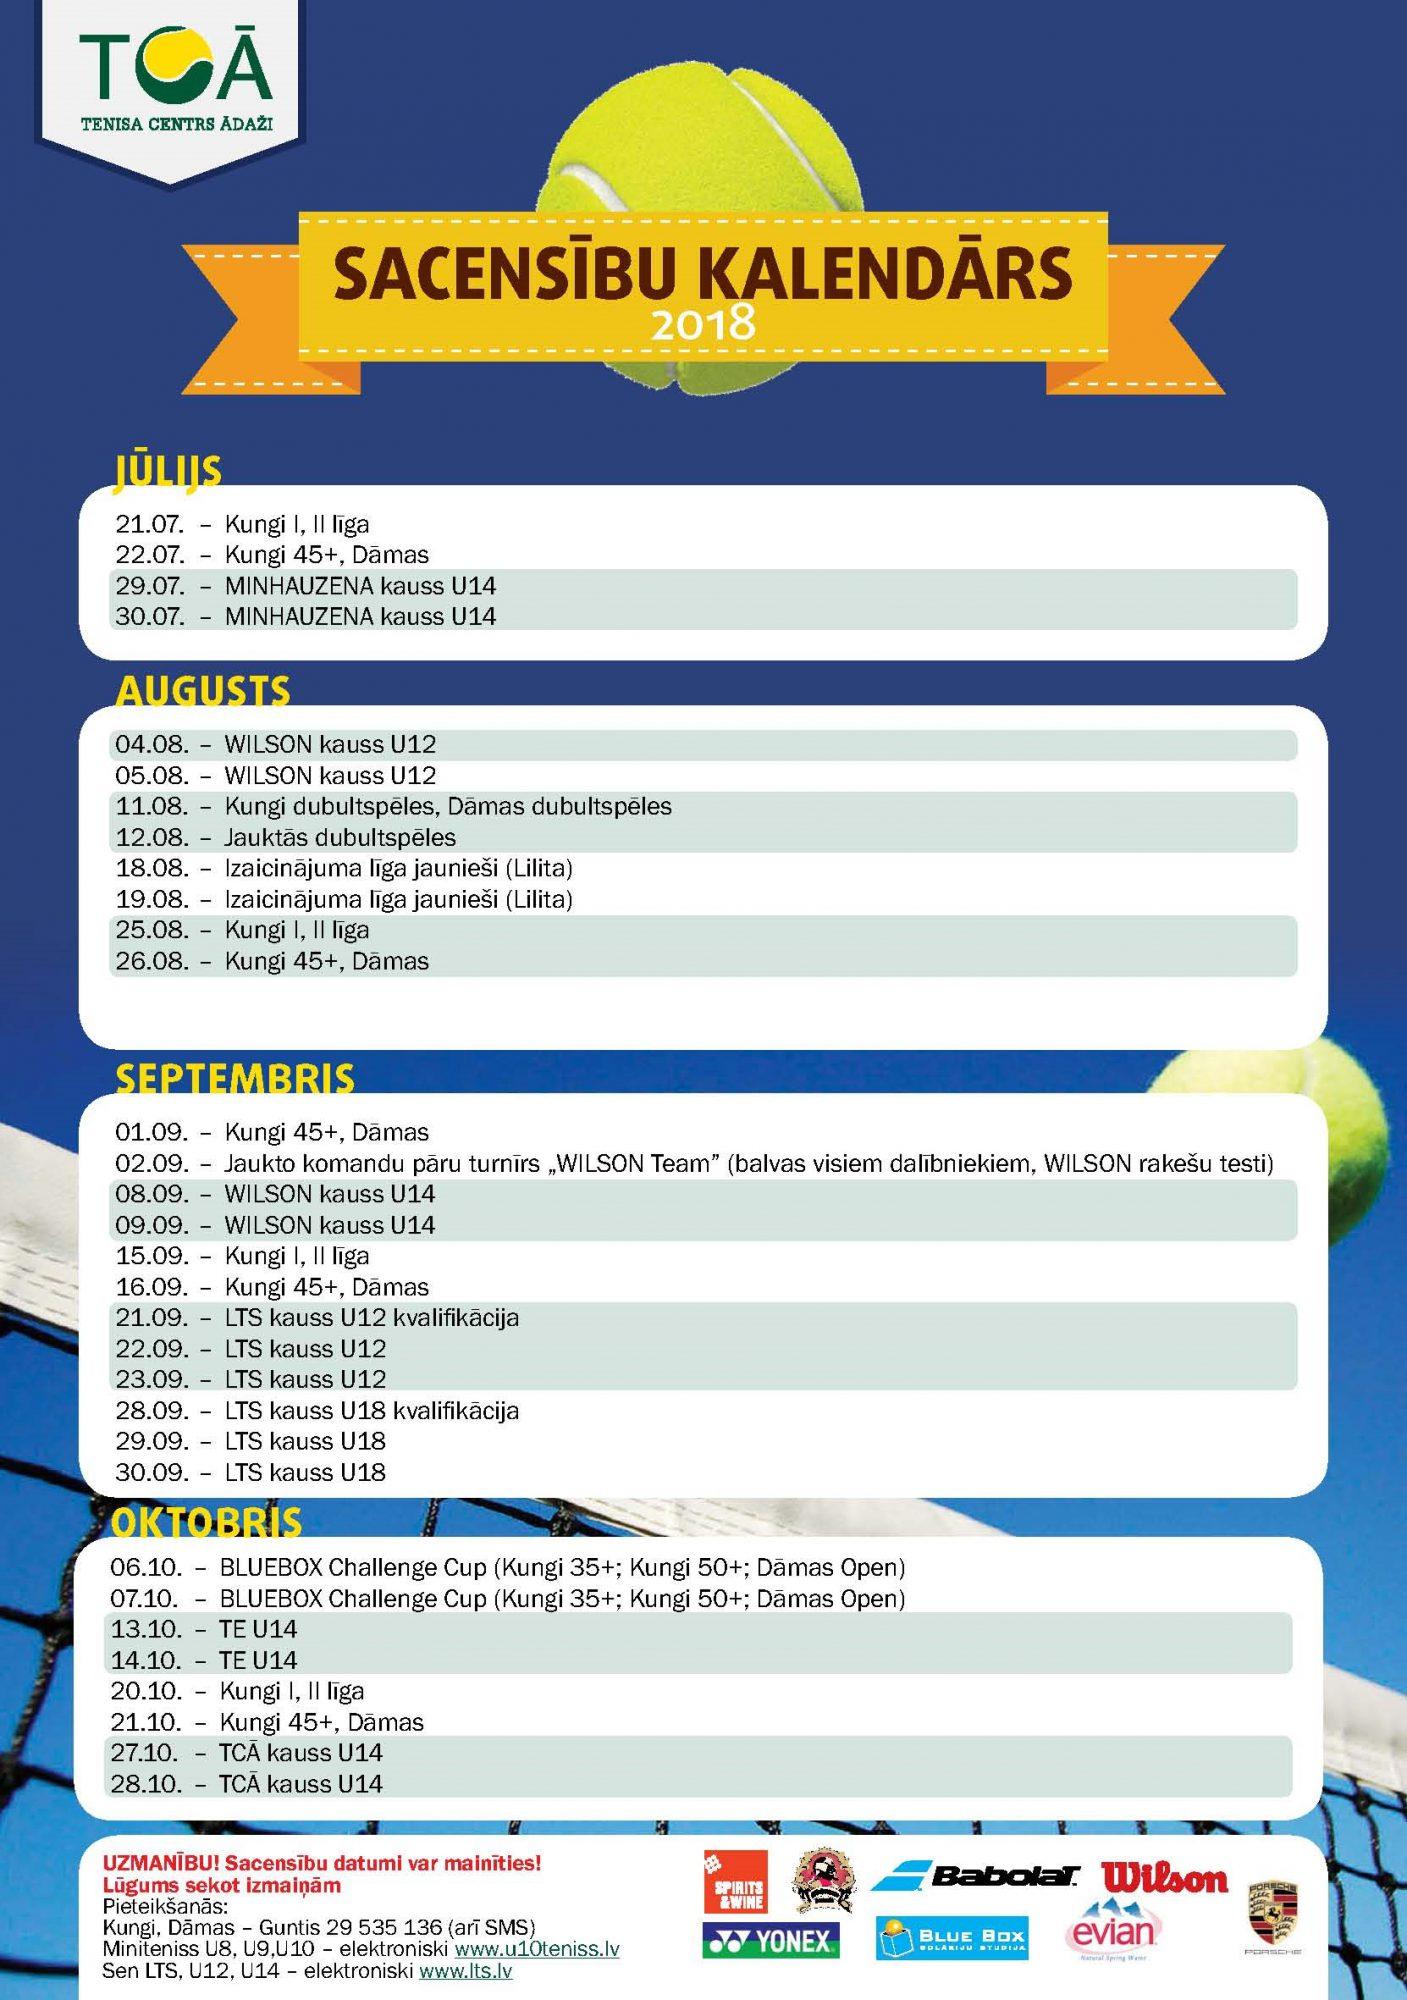 TCA_kalendars_AUG-OKT2018